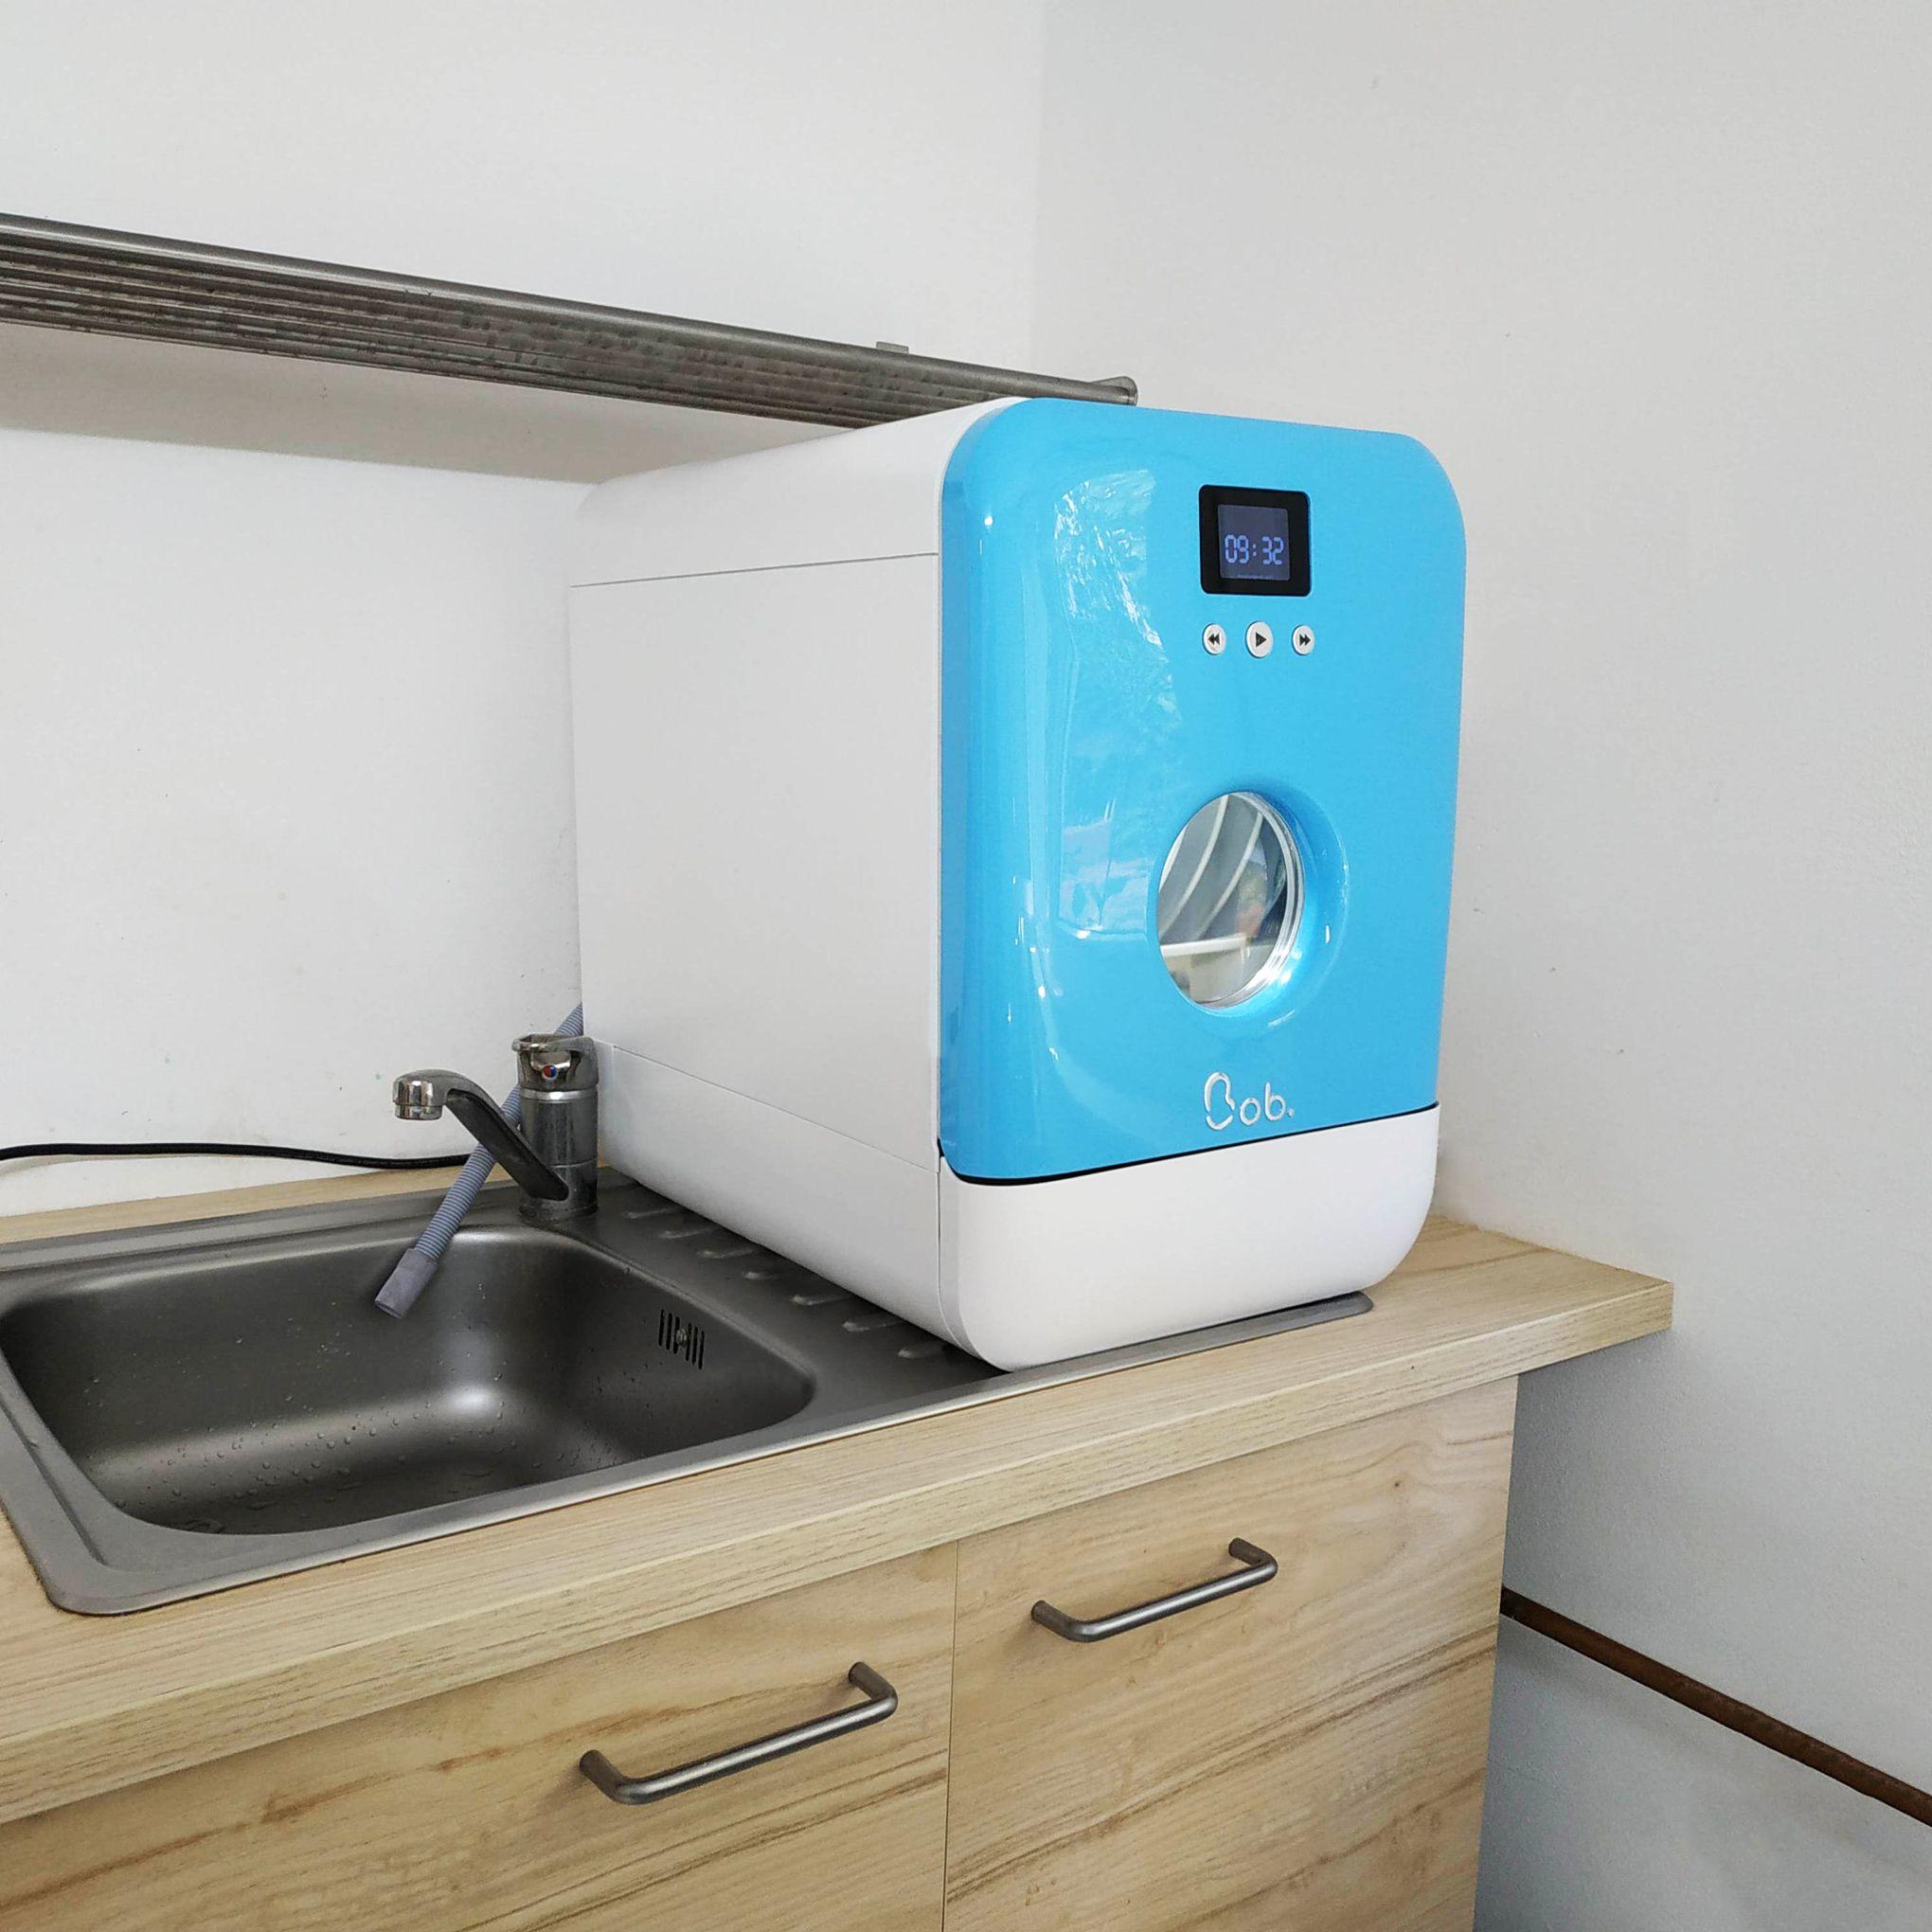 Bob Le Mini Lave Vaisselle Arrive Dans Les Cuisines Des étudiants